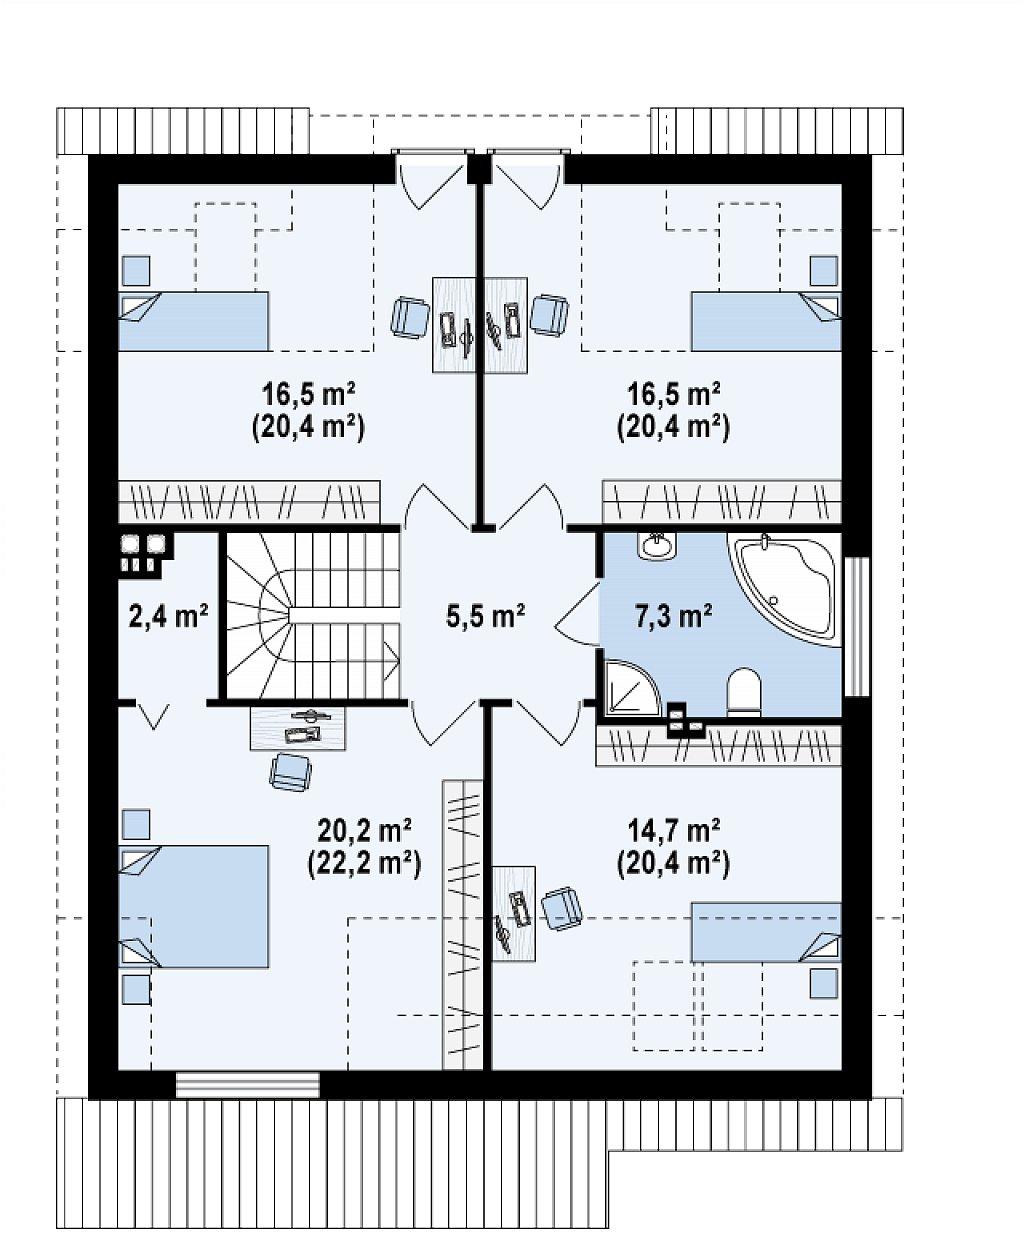 Дом традиционной формы с элегантными современными элементами в архитектуре. план помещений 2